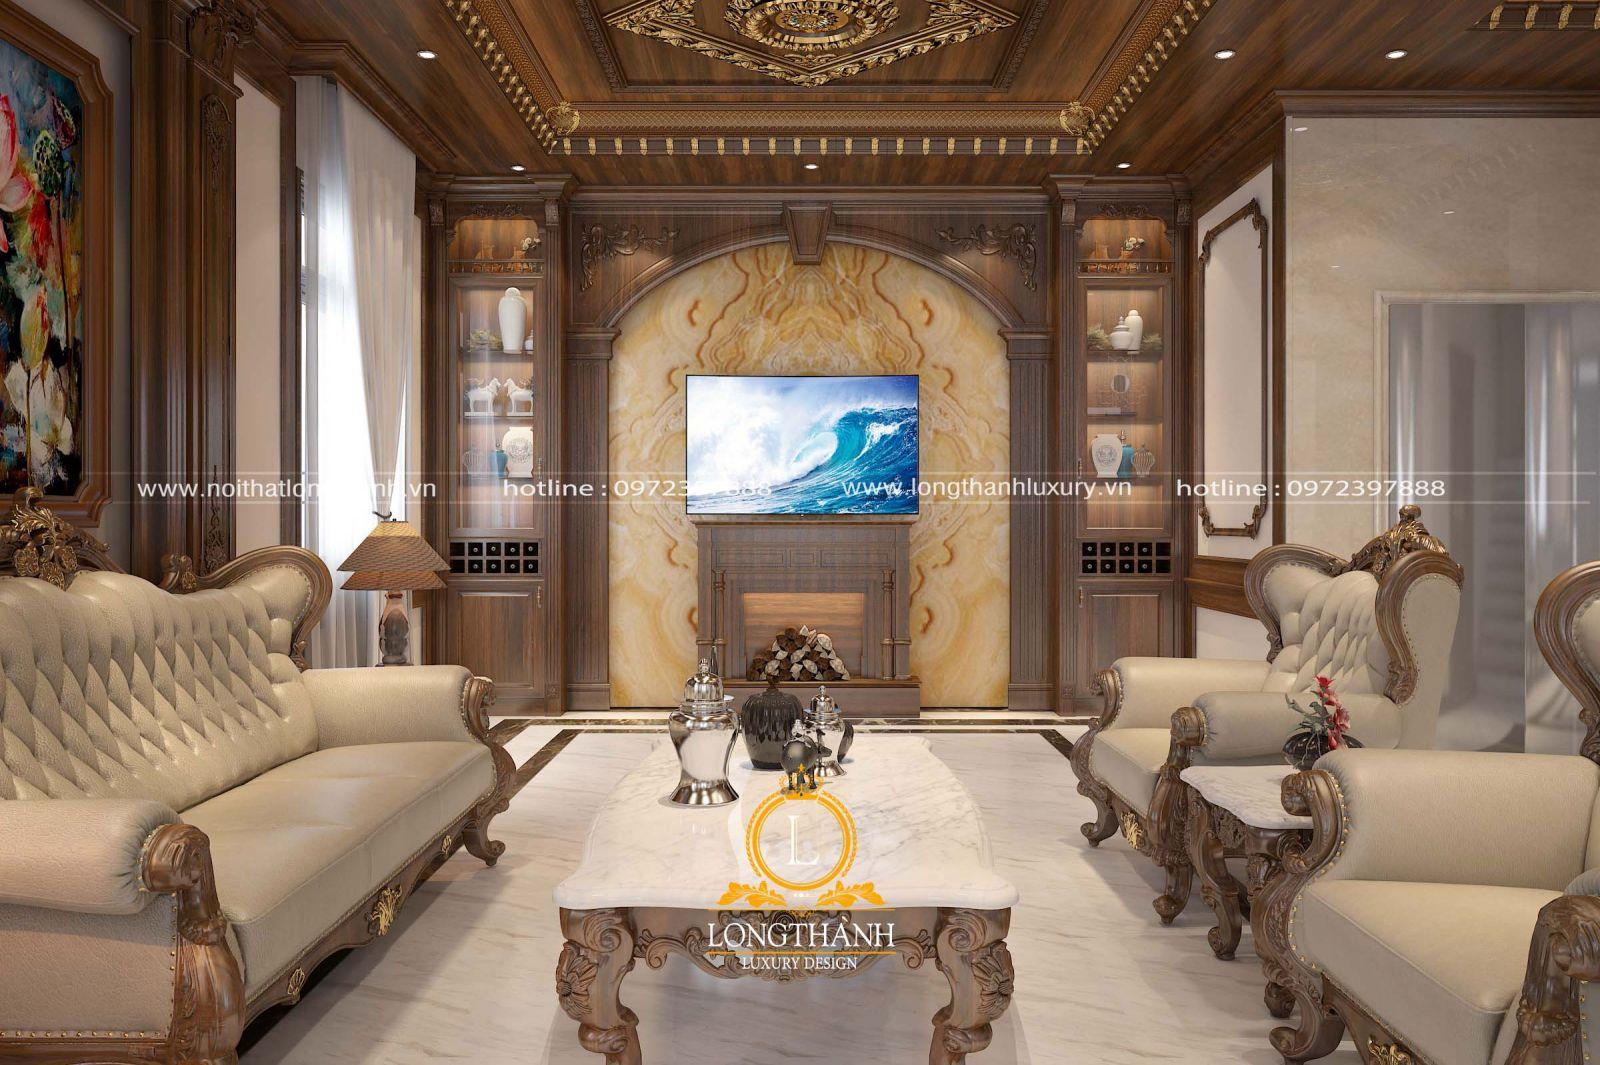 Thiết kế nội thất phòng khách đẹp với góc nhìn tivi